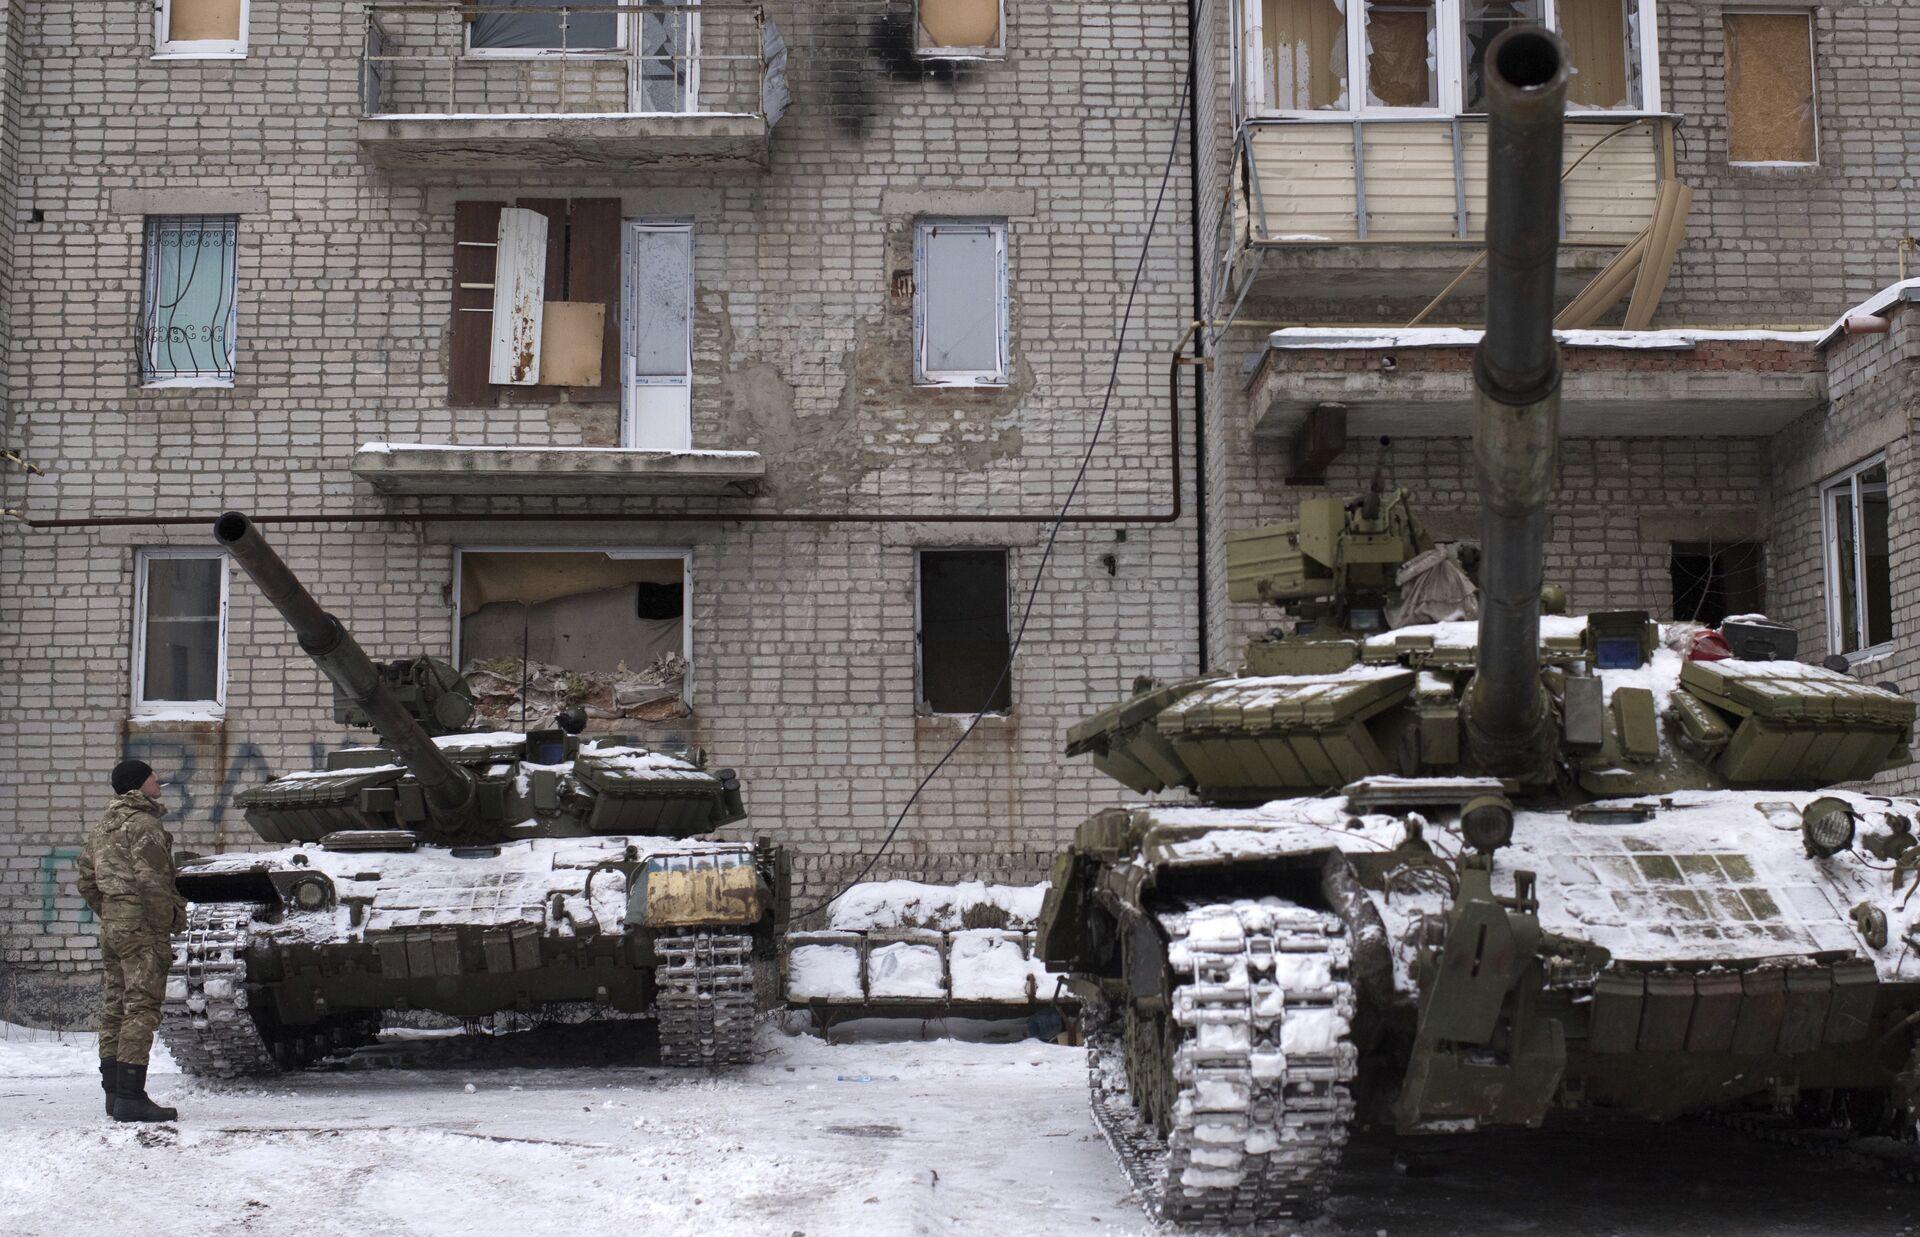 Танки ВСУ в Авдеевке, Украина. 2 февраля 2017 - РИА Новости, 1920, 11.12.2020